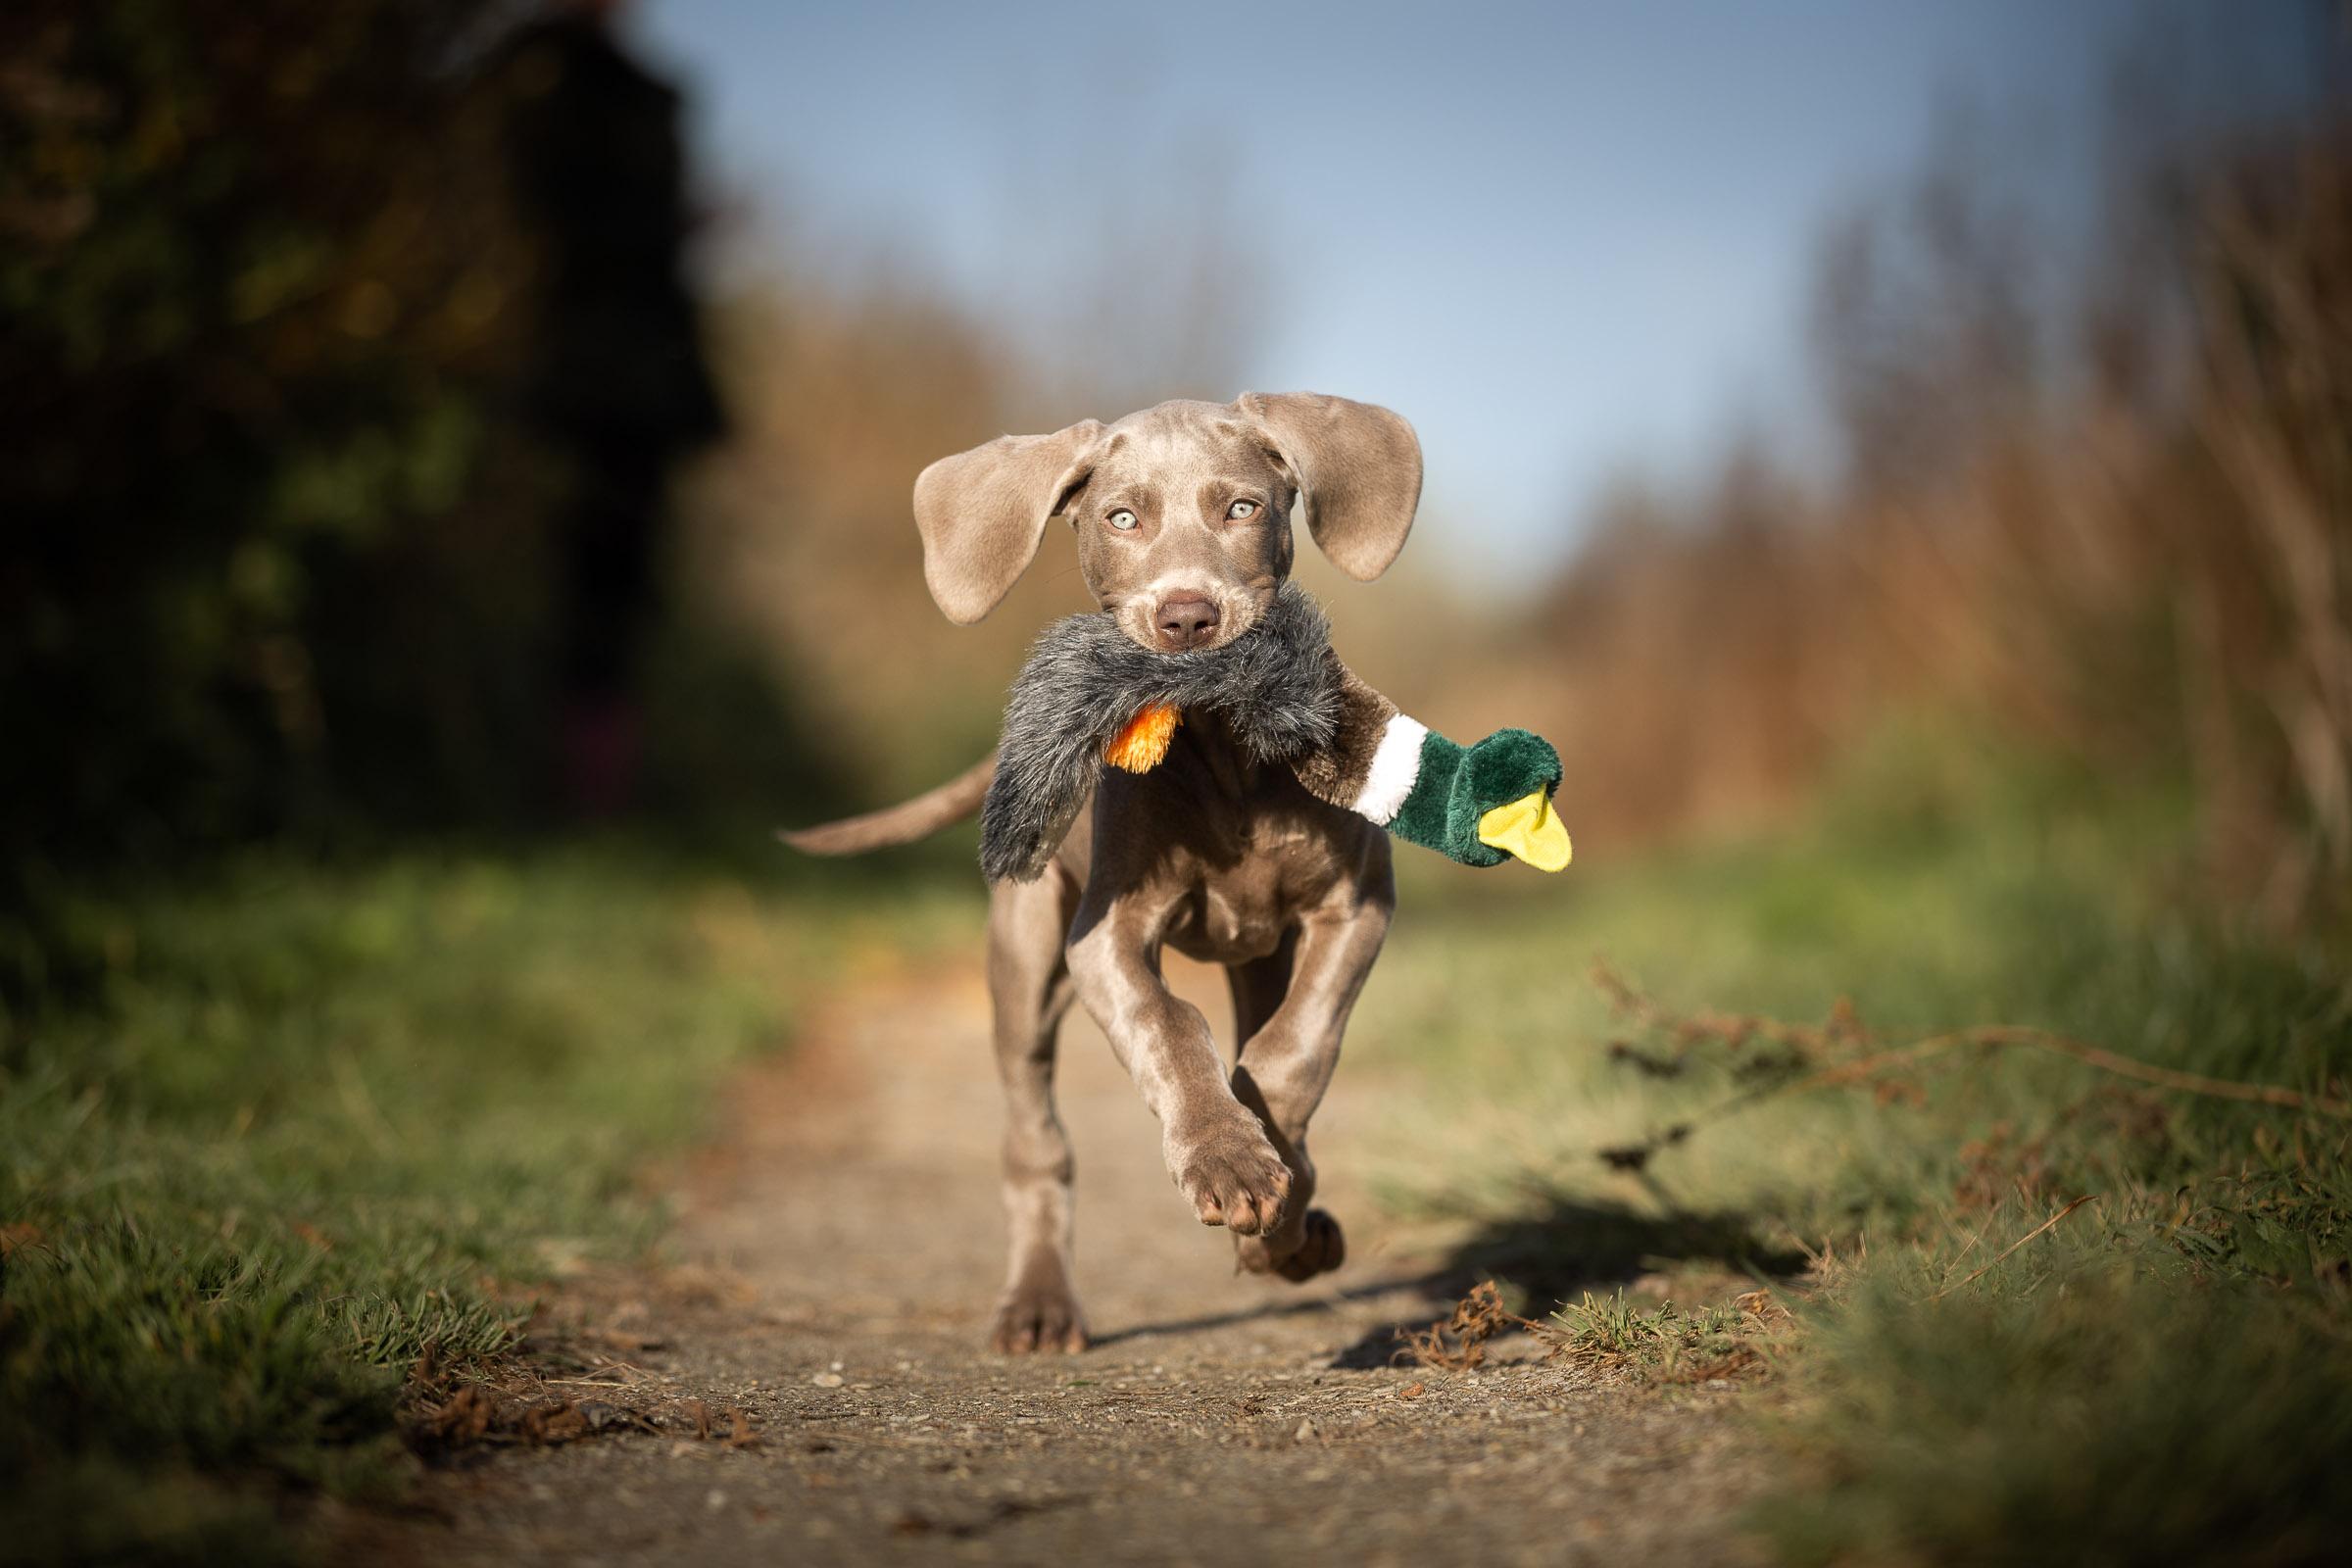 Weimaraner pup rent met haar eend in haar bek tijdens de fotoshoot van haar puppy abonnement